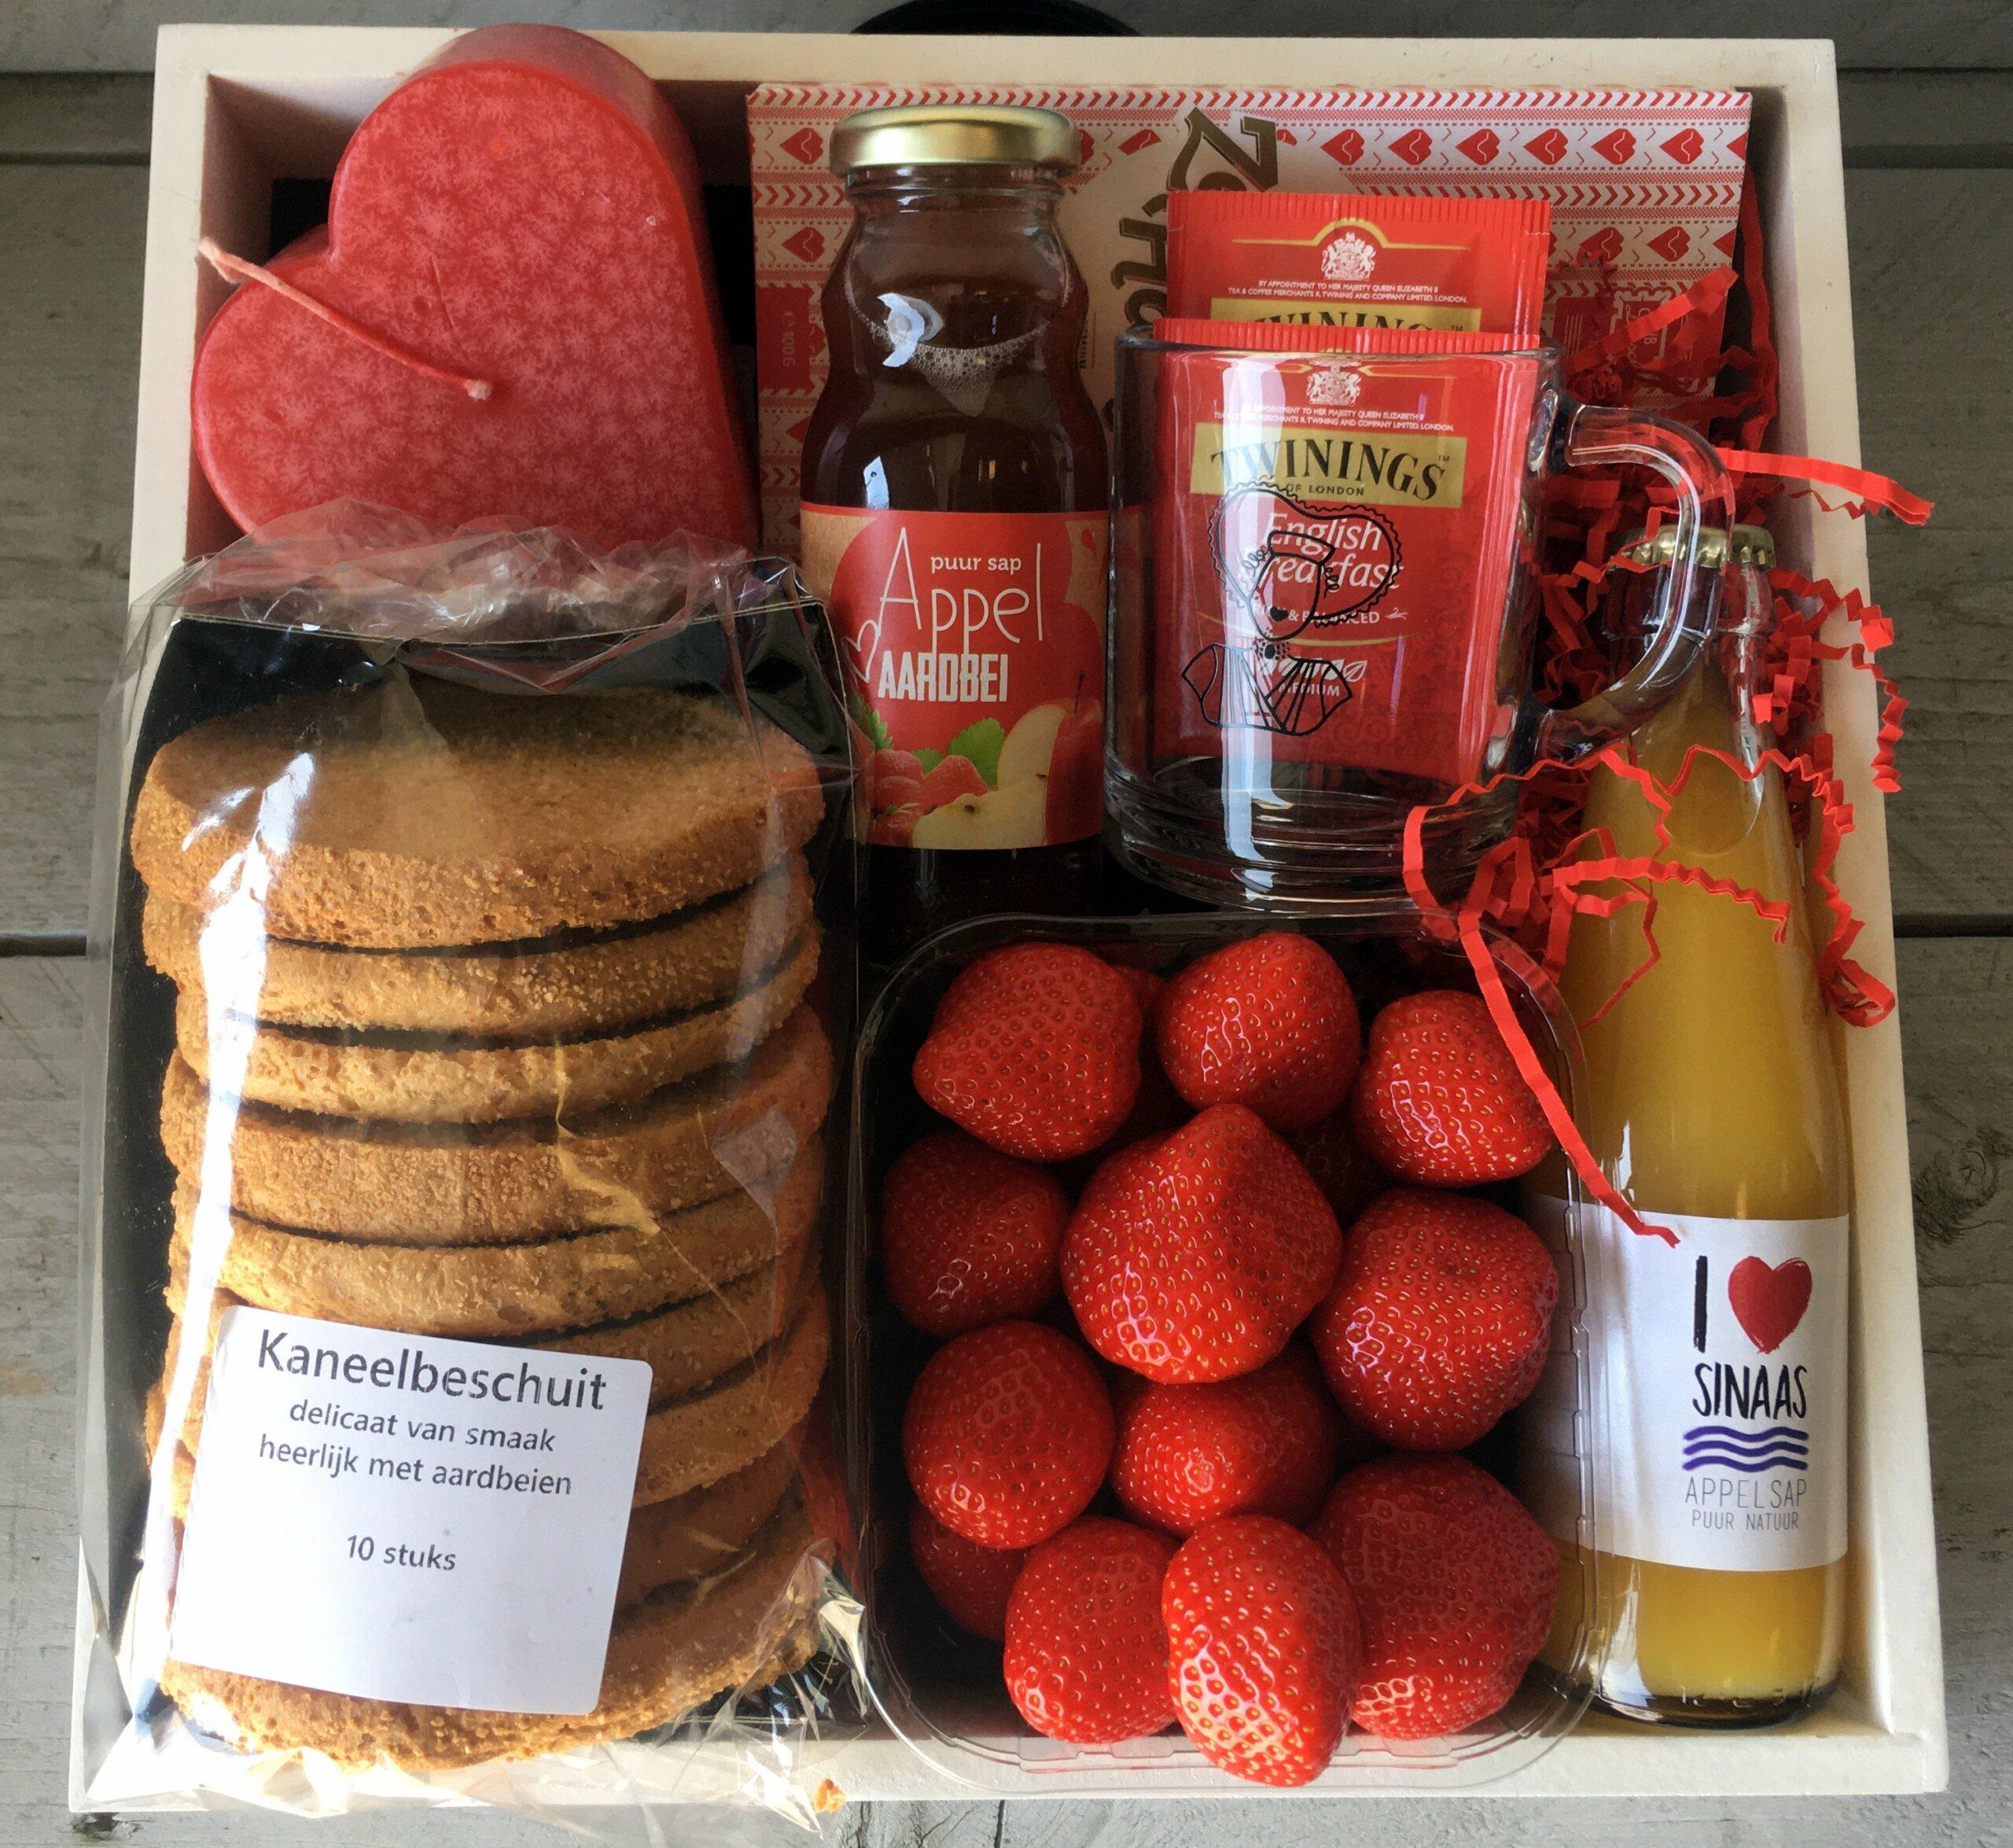 Fruitbedrijf Van den Berge: Moederdag-ontbijtje